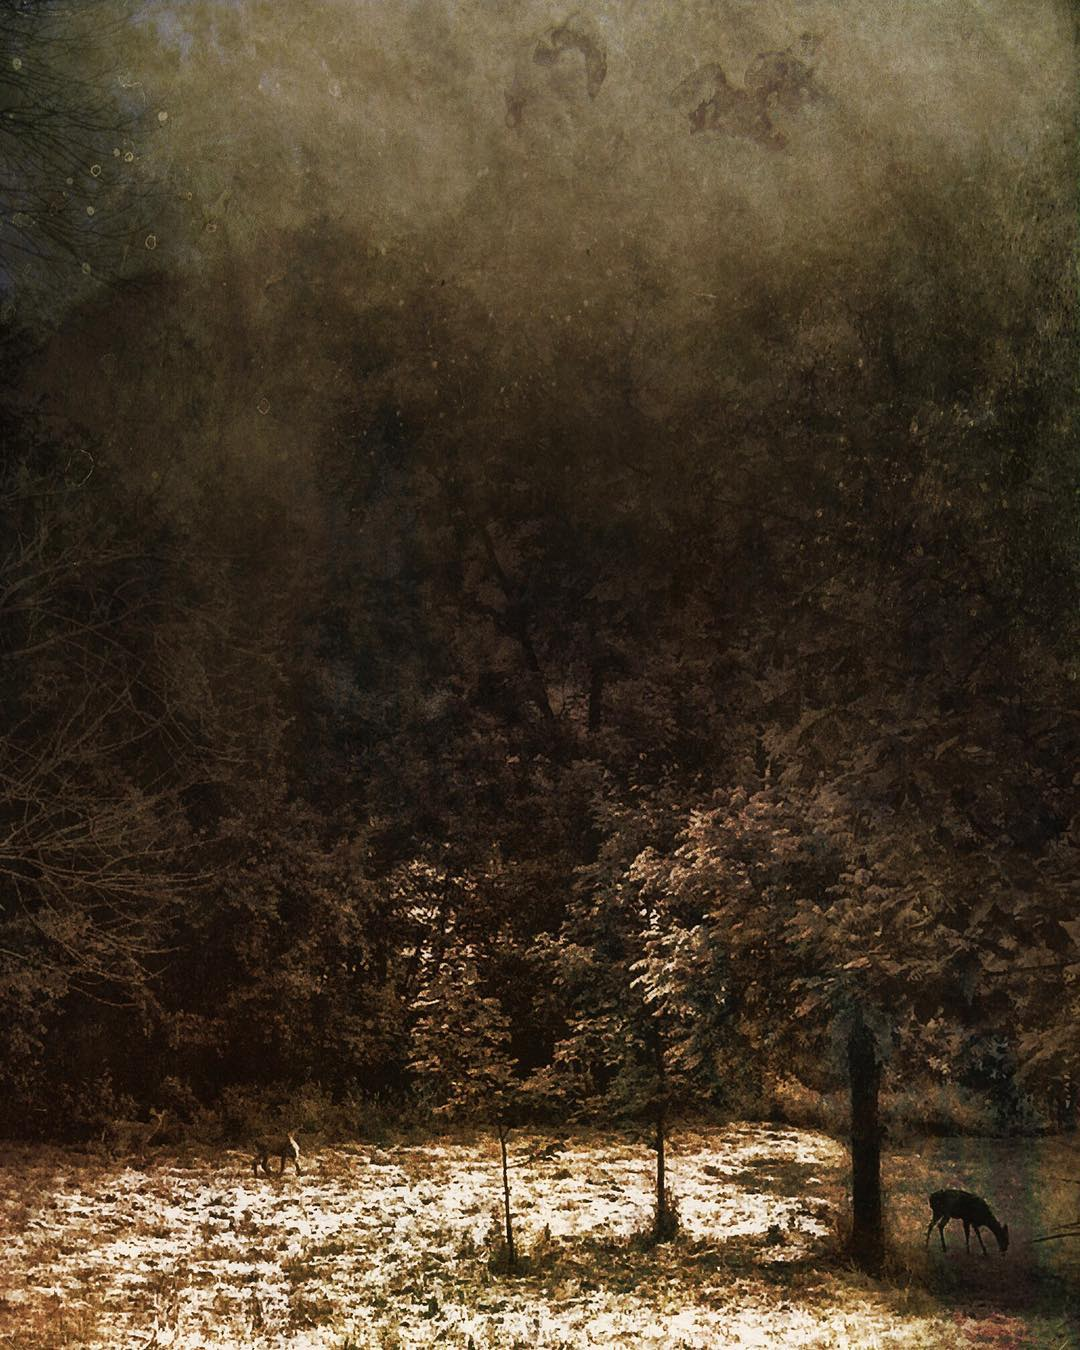 darkinlight_bnw - SLYTKMT.jpg